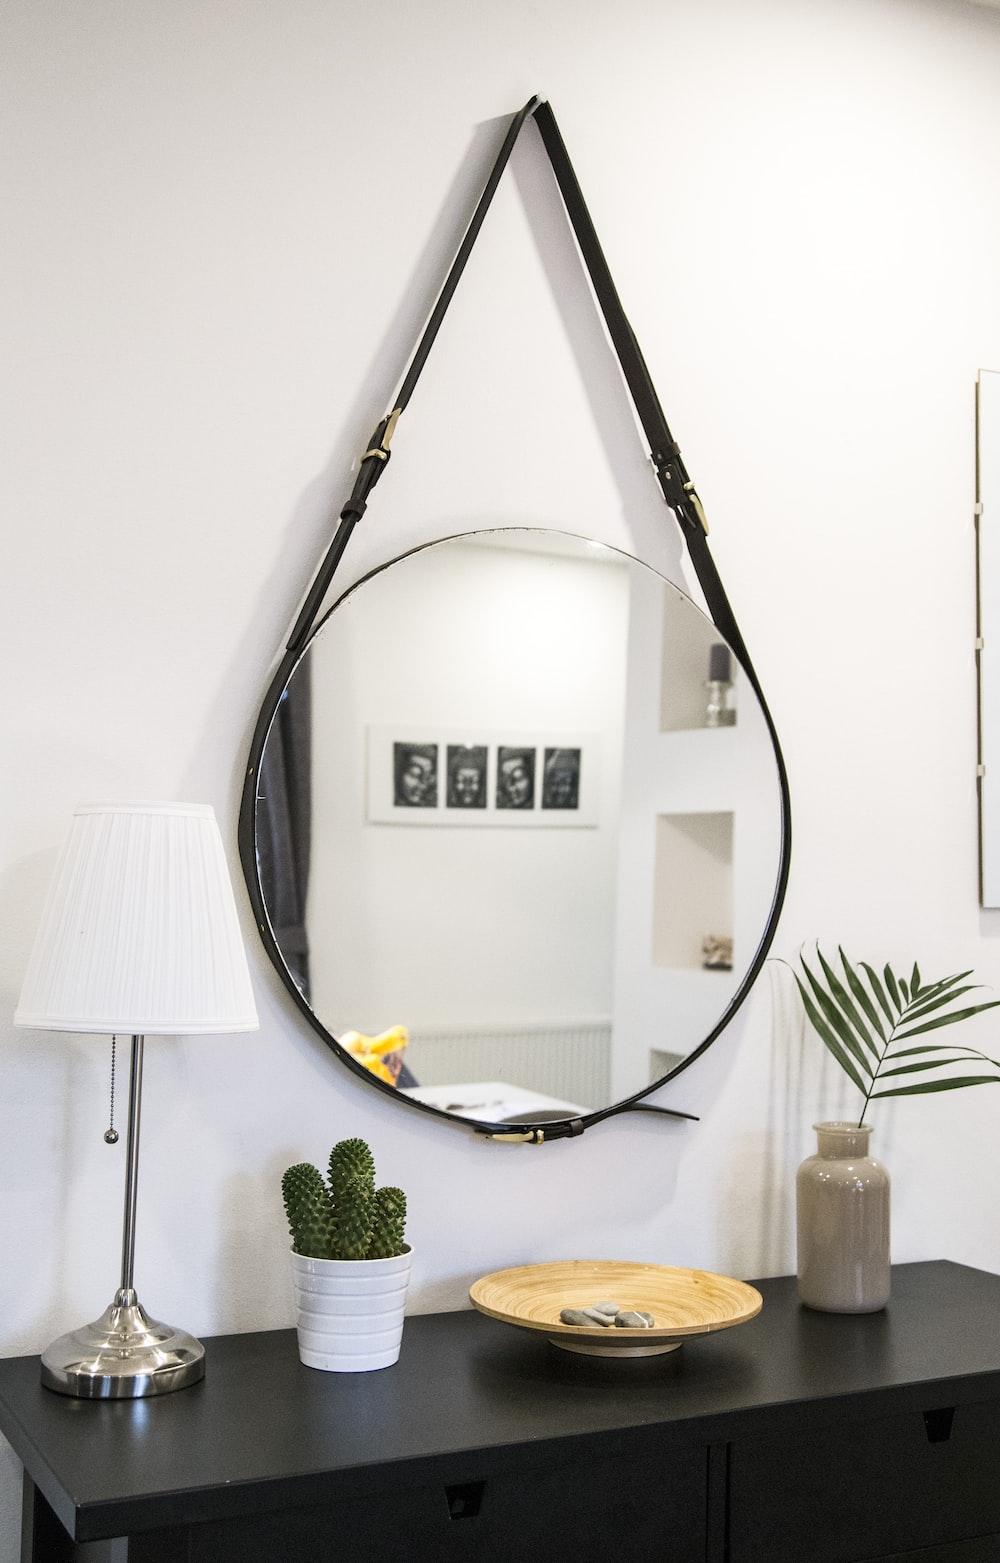 round mirror with black strap